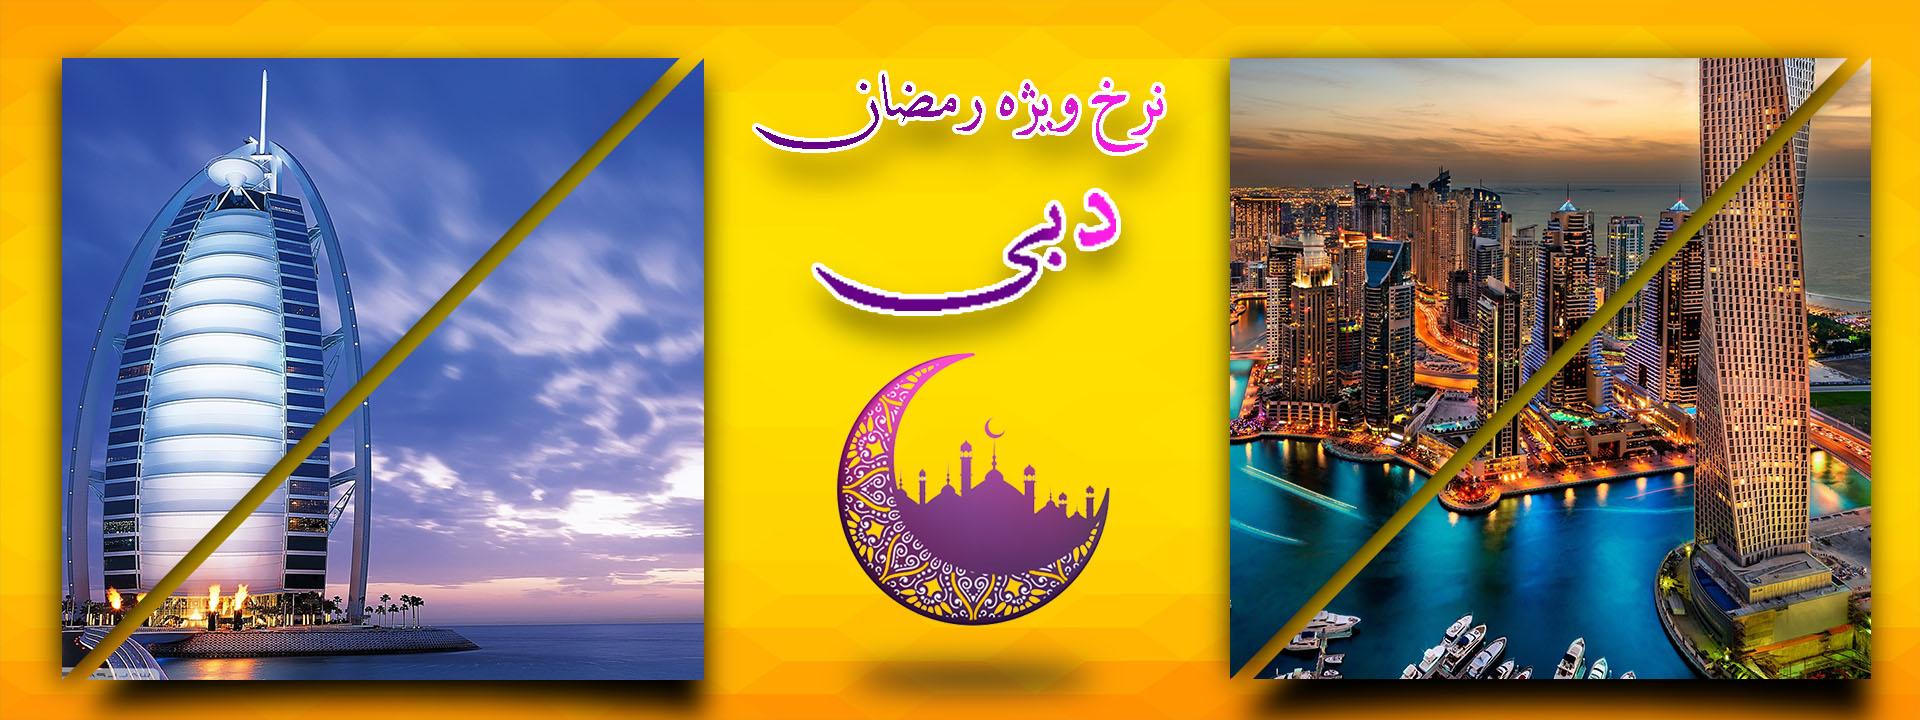 تور دبی ویژه رمضان